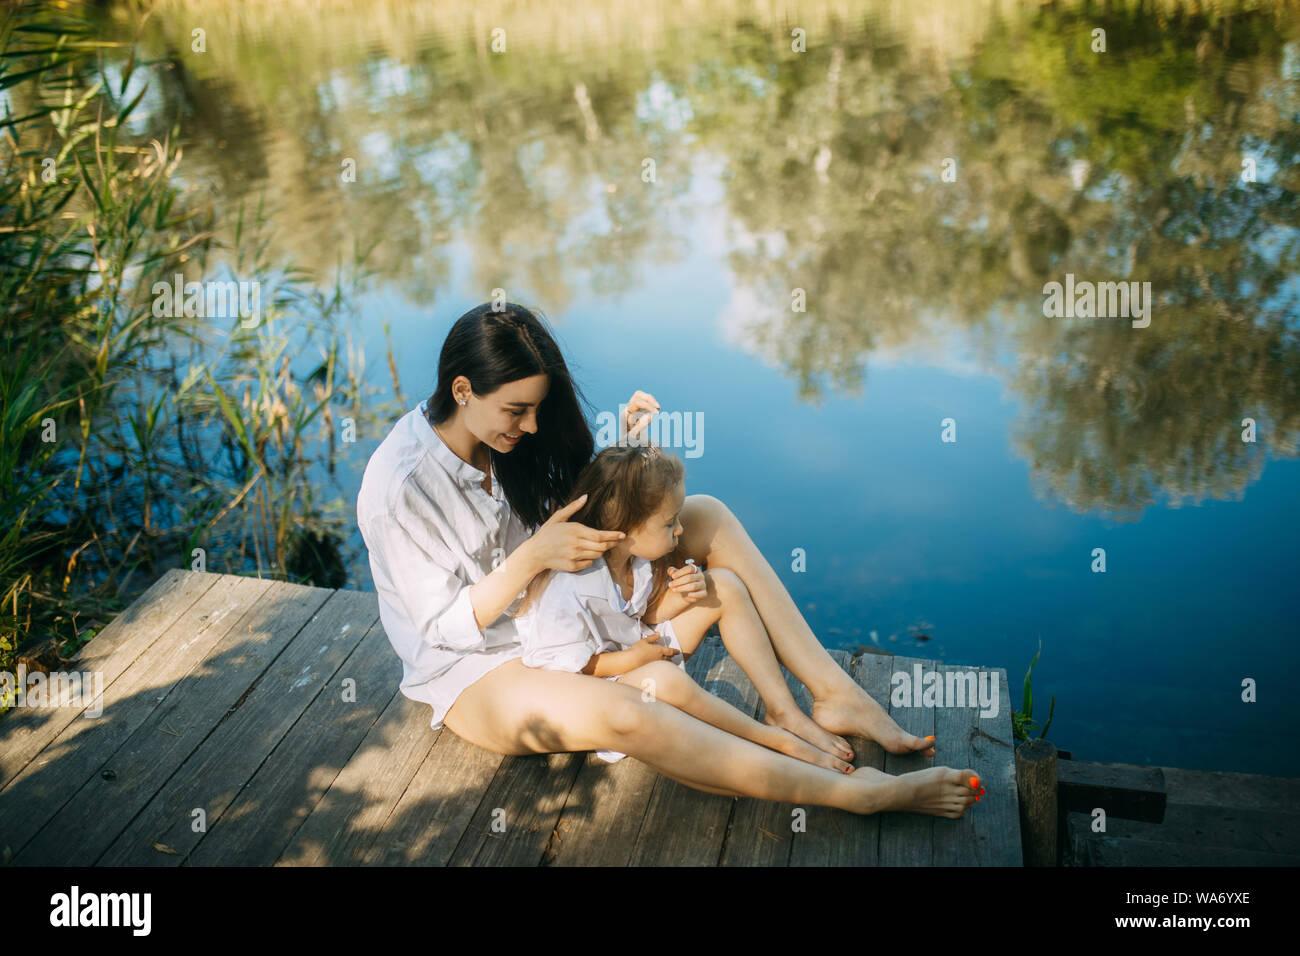 Mutter und Tochter sitzen auf einem hölzernen Brücke über einen Fluss mit Reflexion der Bäume und der Himmel im Wasser. Stockfoto